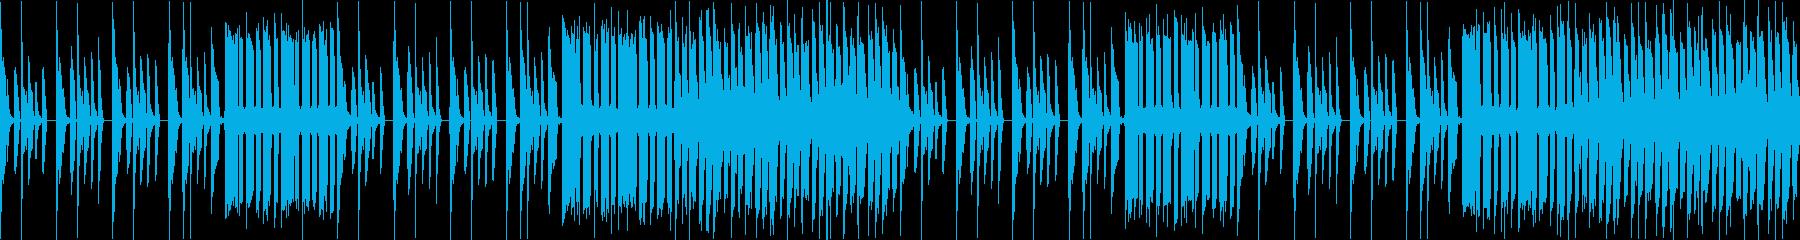 YouTubeコメディー、ライザップ風の再生済みの波形